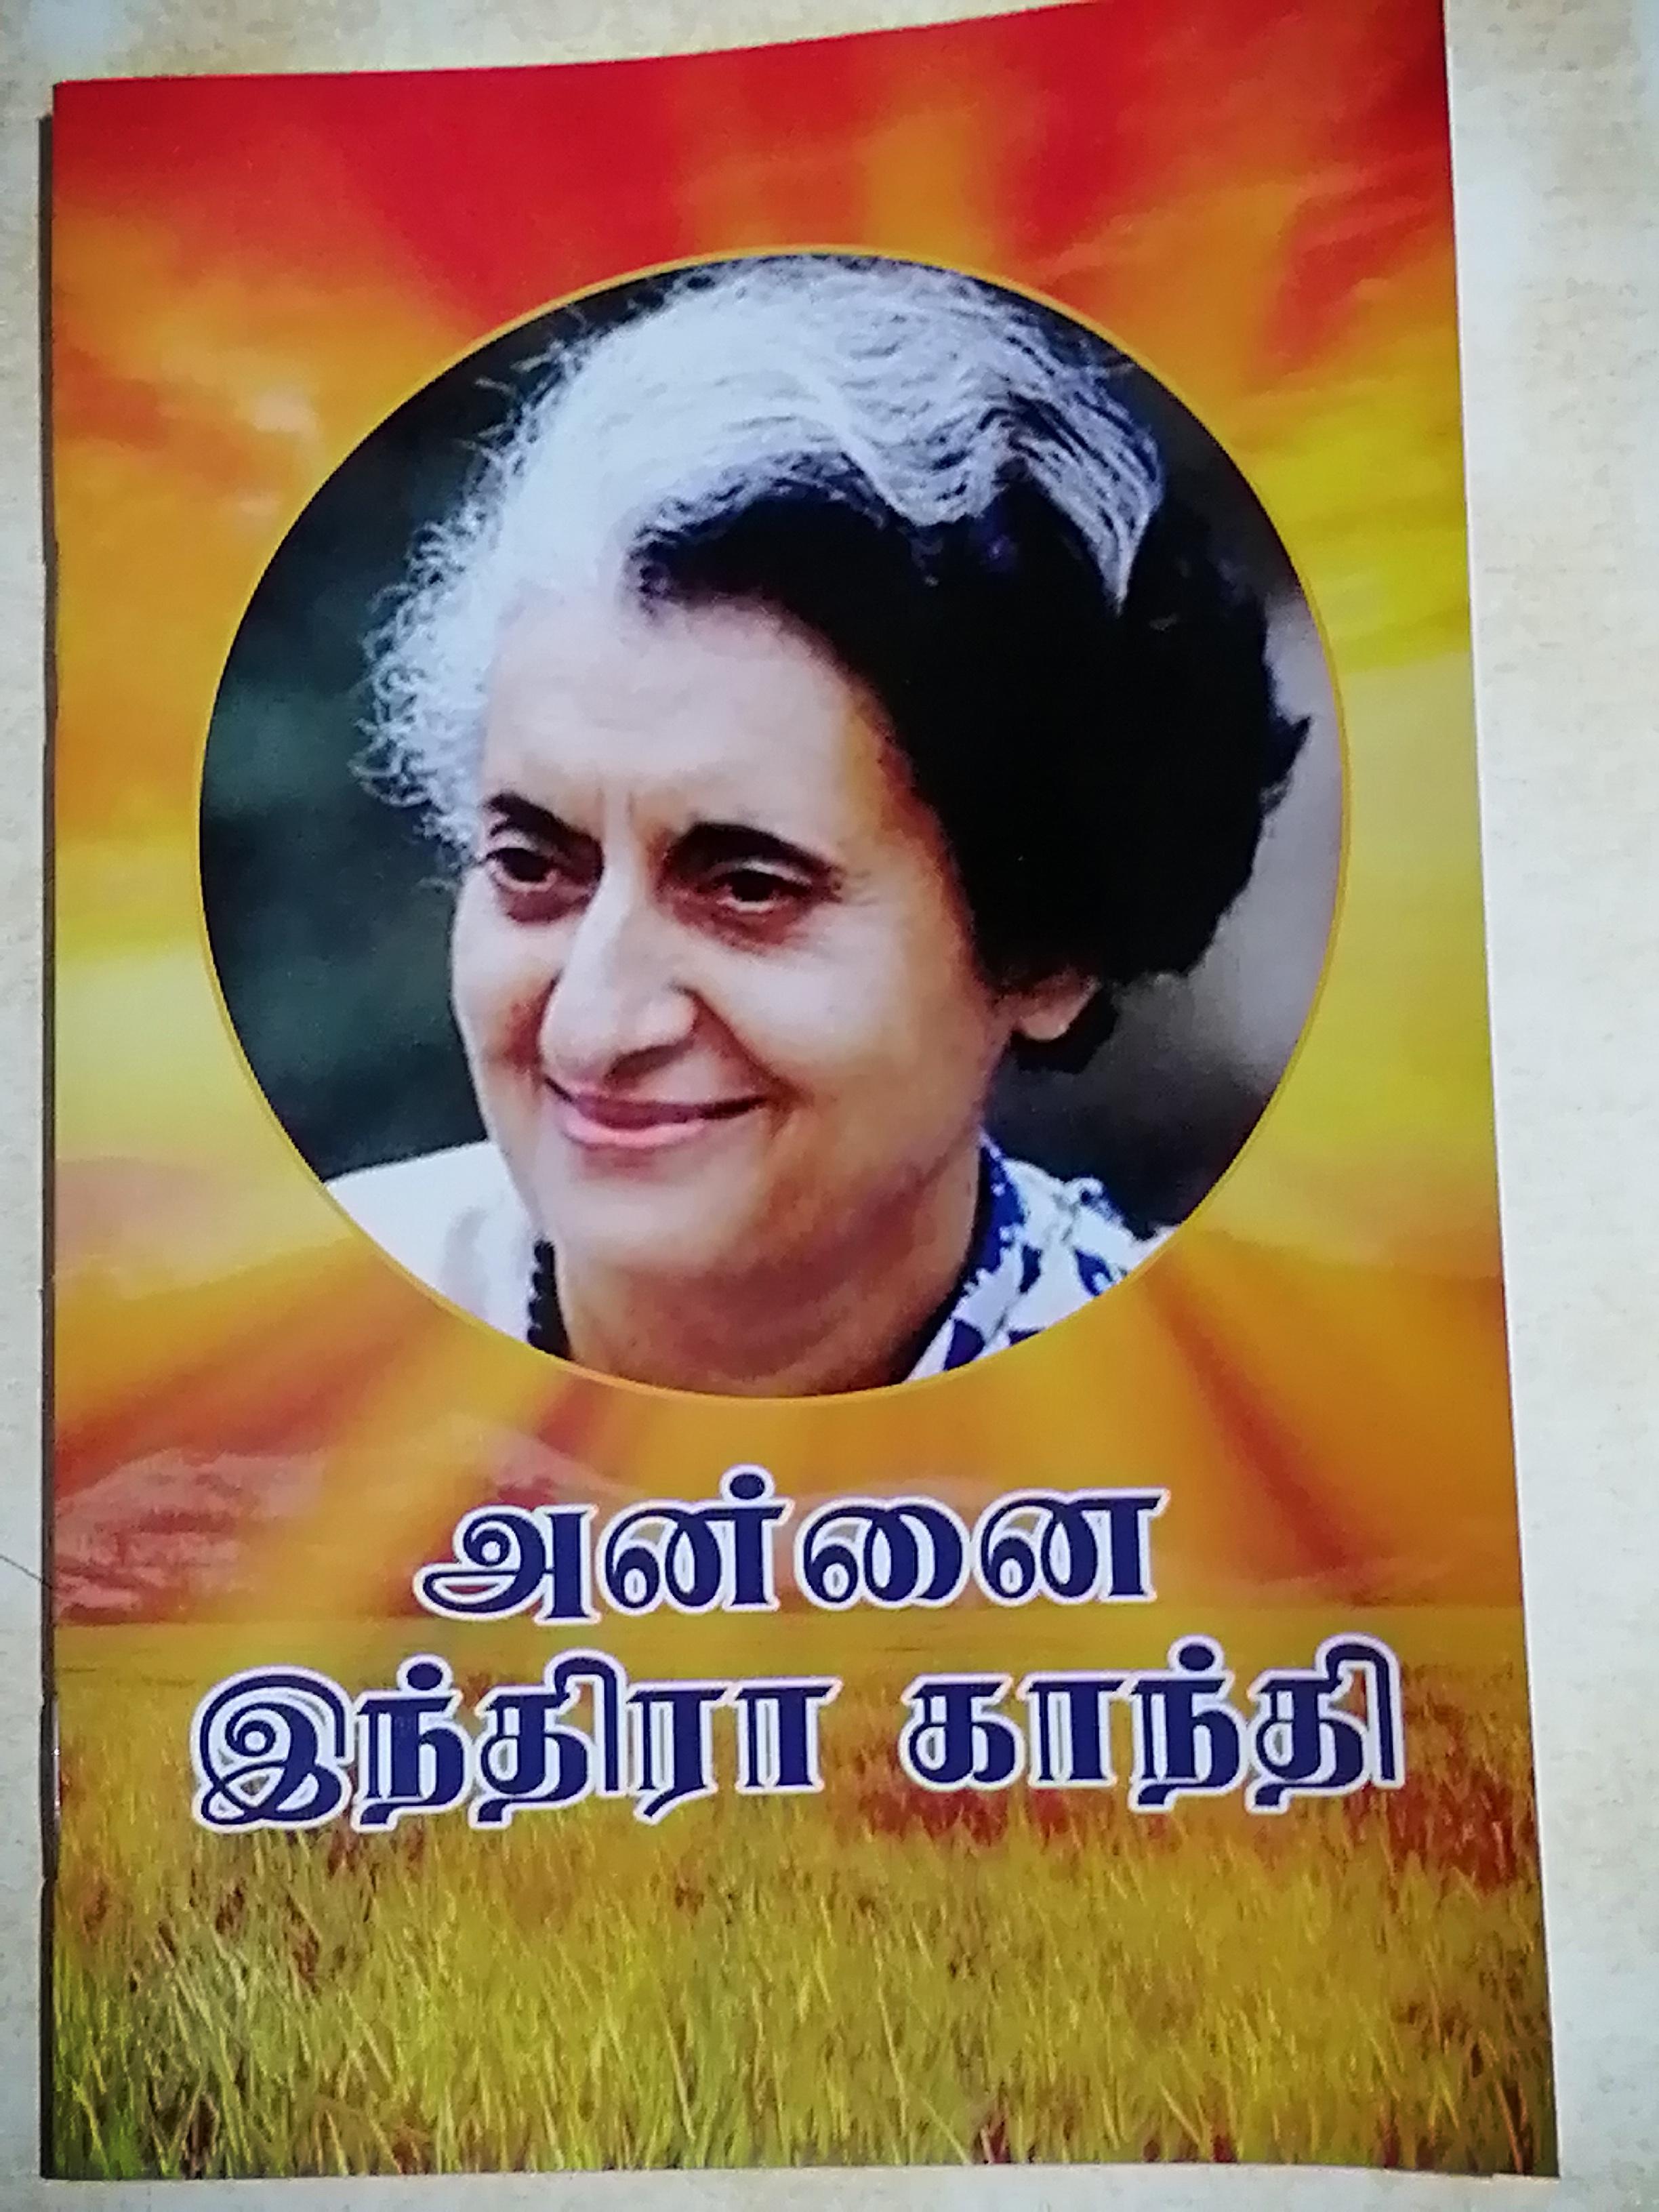 Annai Indira Gandhi by Ananda Siva அன்னை இந்திரா காந்தி - ஆனந்த சிவா